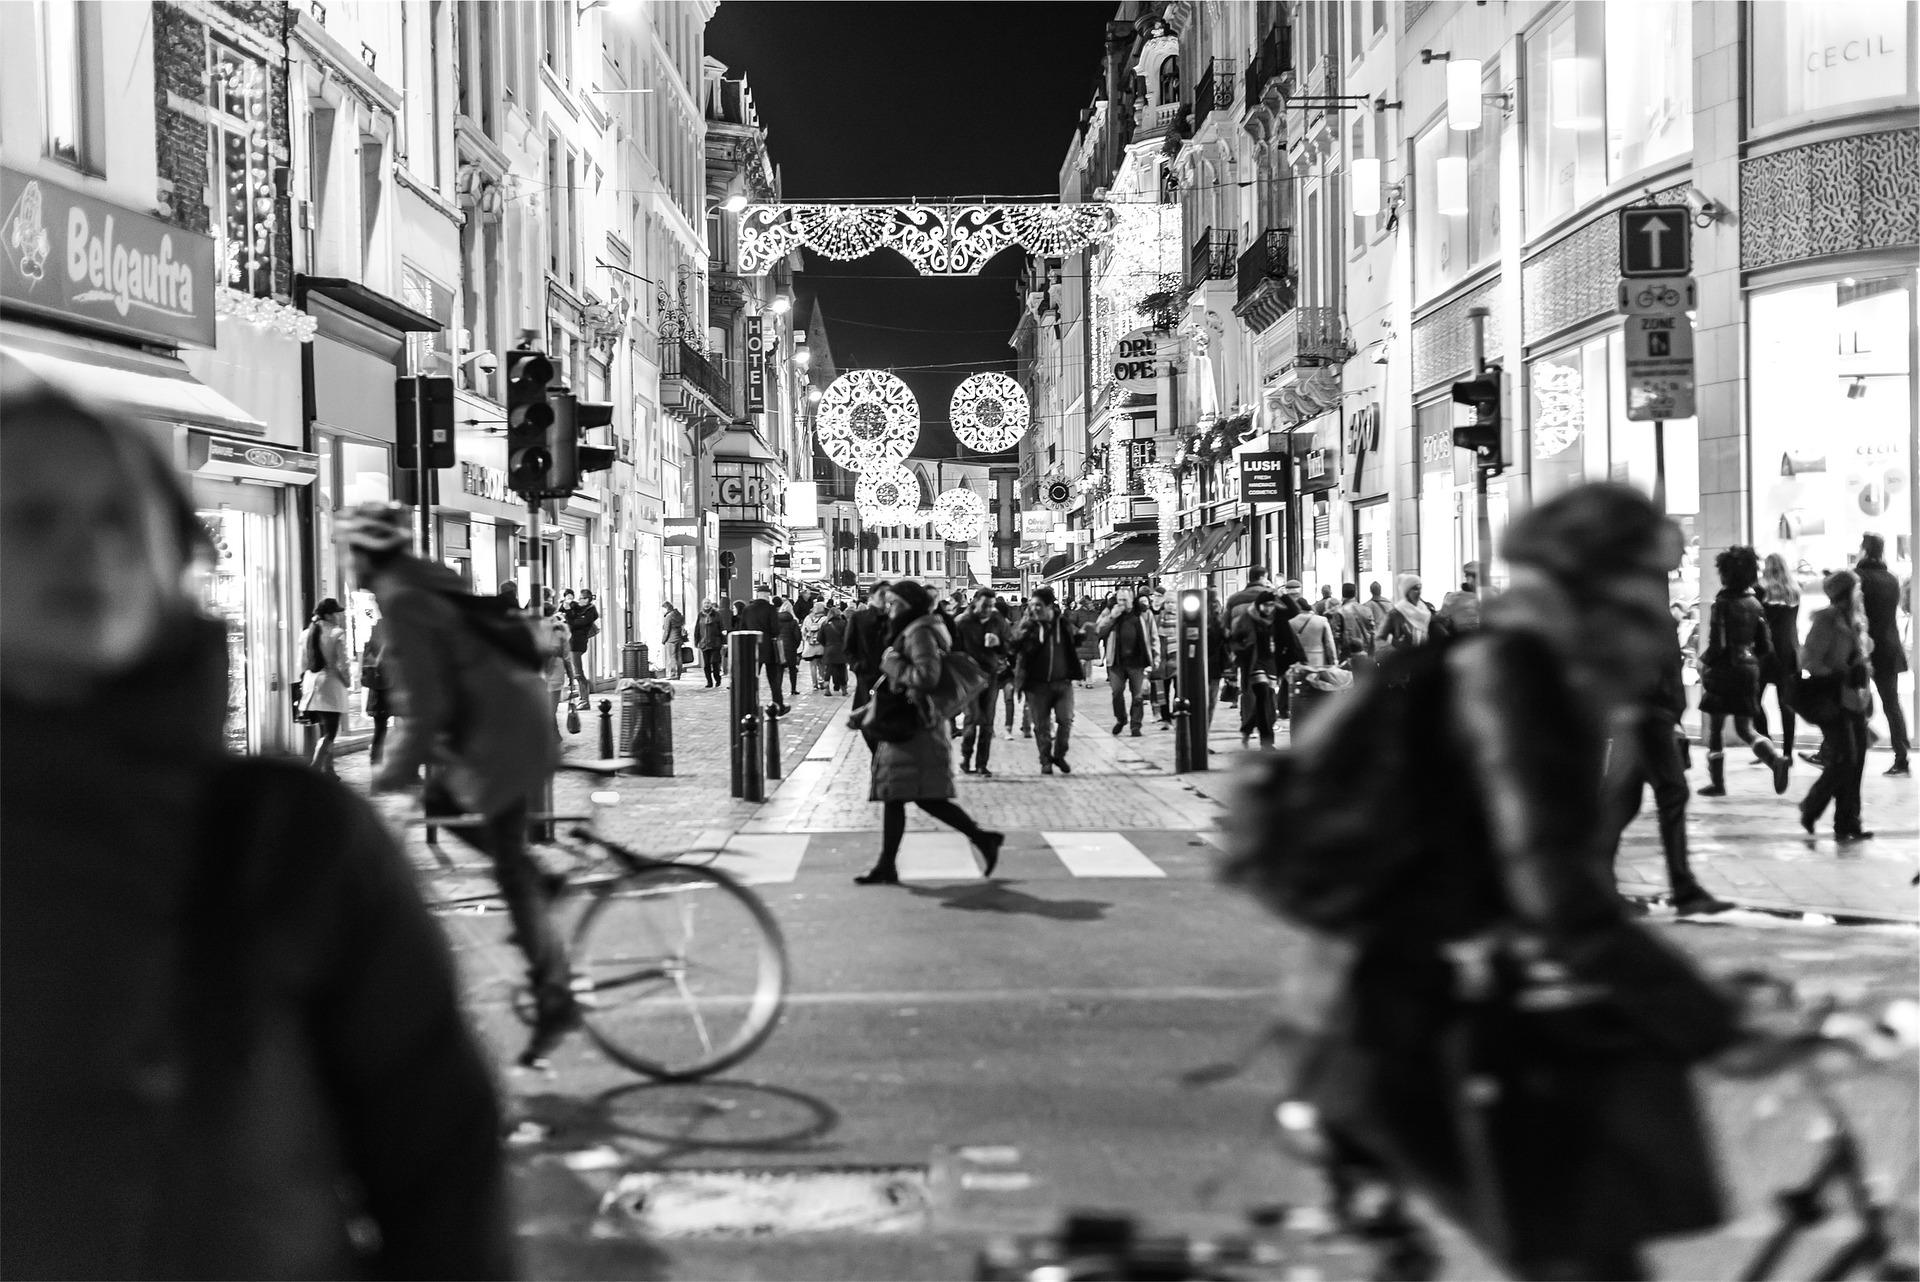 Oft zu wenig Raum für Radfahrer: Gefährliche Begegnungen